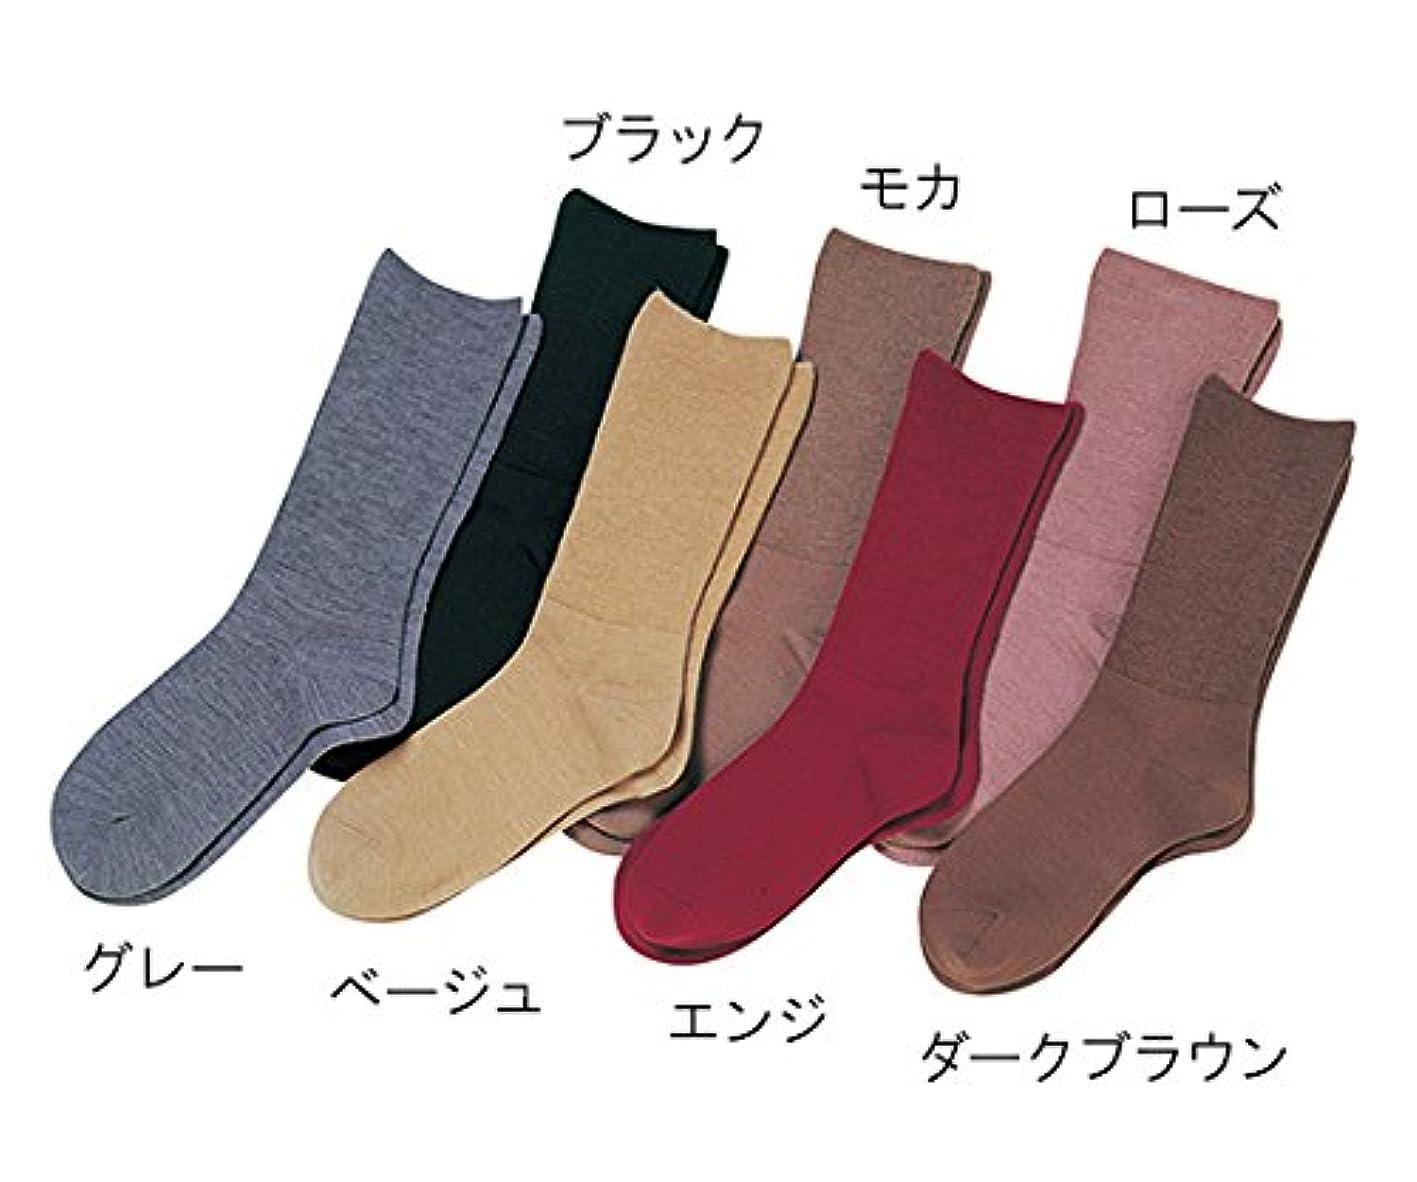 師匠記述する統合する神戸生絲 ふくらはぎ楽らくすべり止めソックス 婦人 秋冬用 モカ 3907 モカ